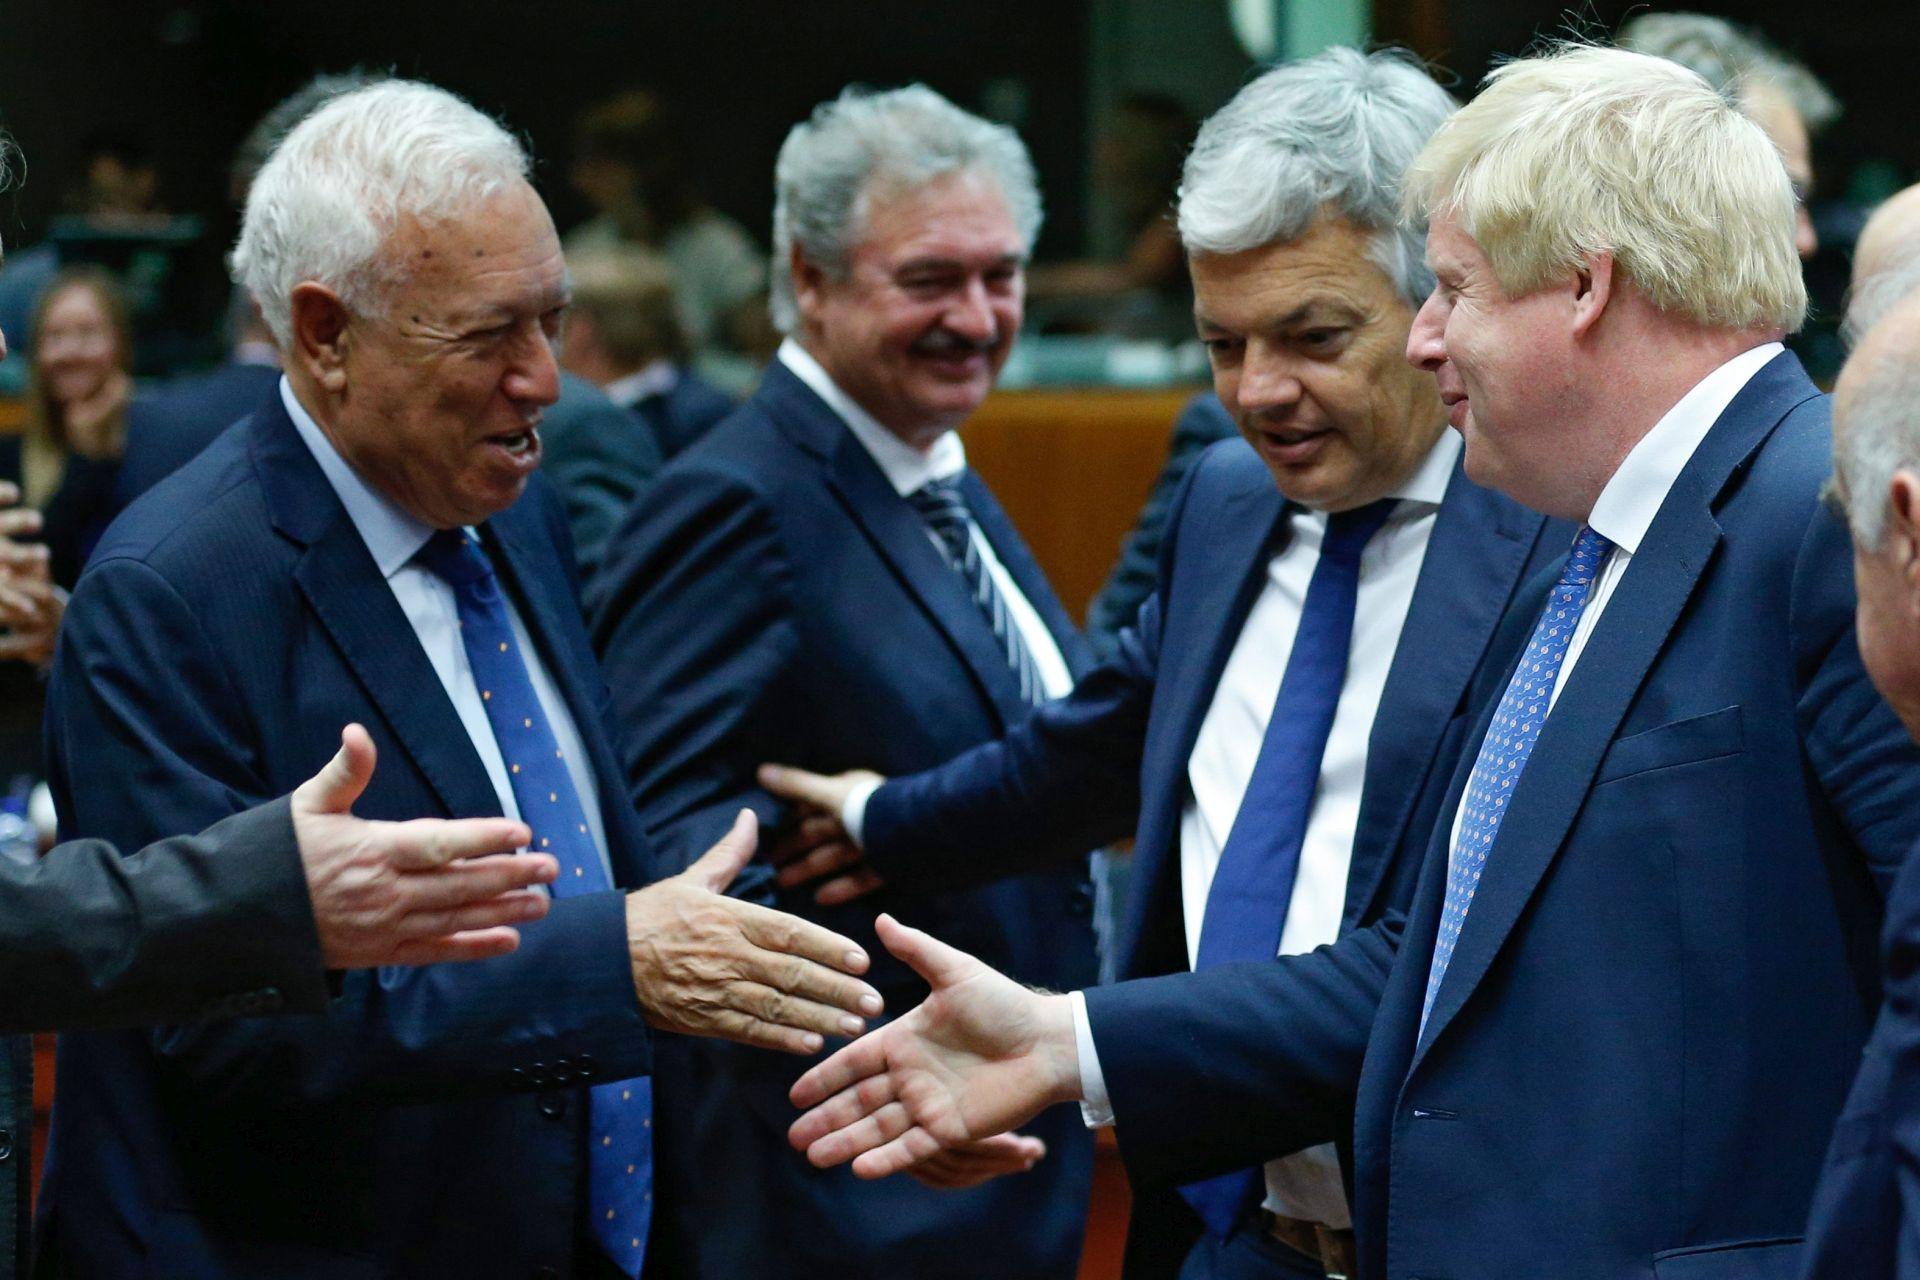 SASTANAK U BRUXELLESU: 'Velika Britanija želi i dalje imati pokretačku ulogu u Europi'